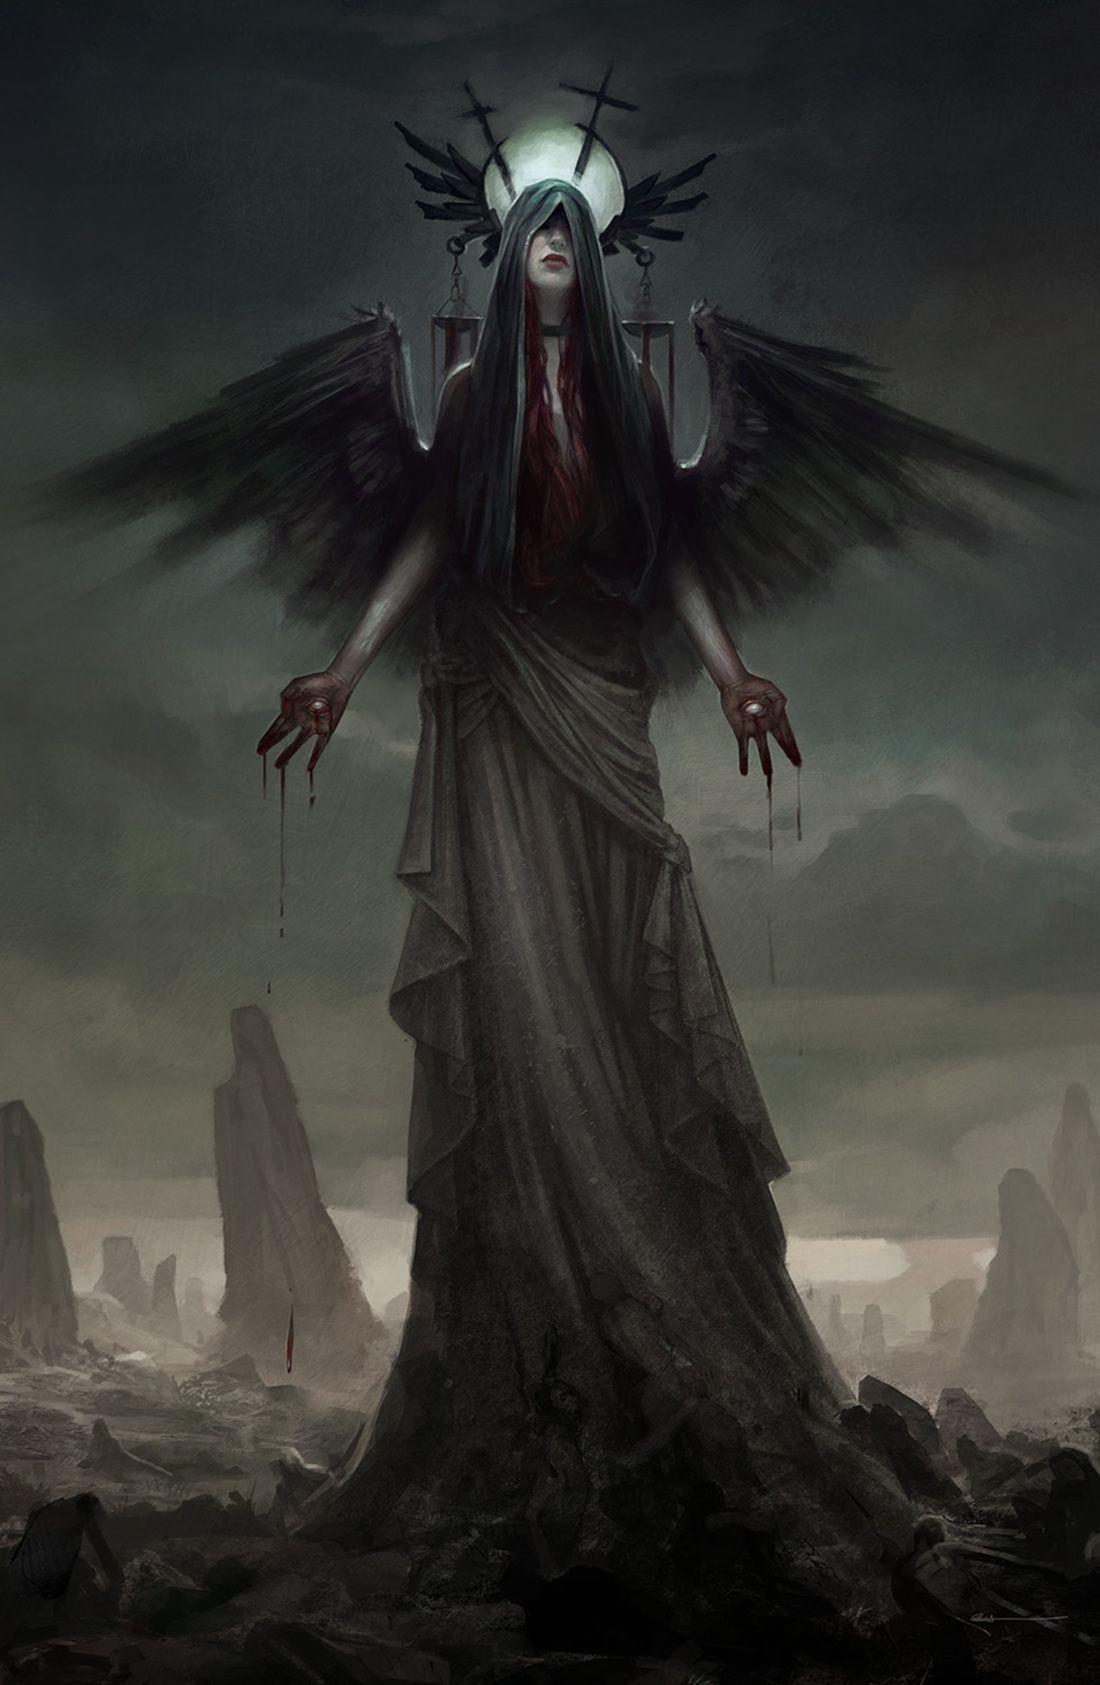 Angeles Goticos Fantasia Fantasy Gothic Angels Arte De Fantasia Oscura Criaturas Oscuras Arte De Sirenas